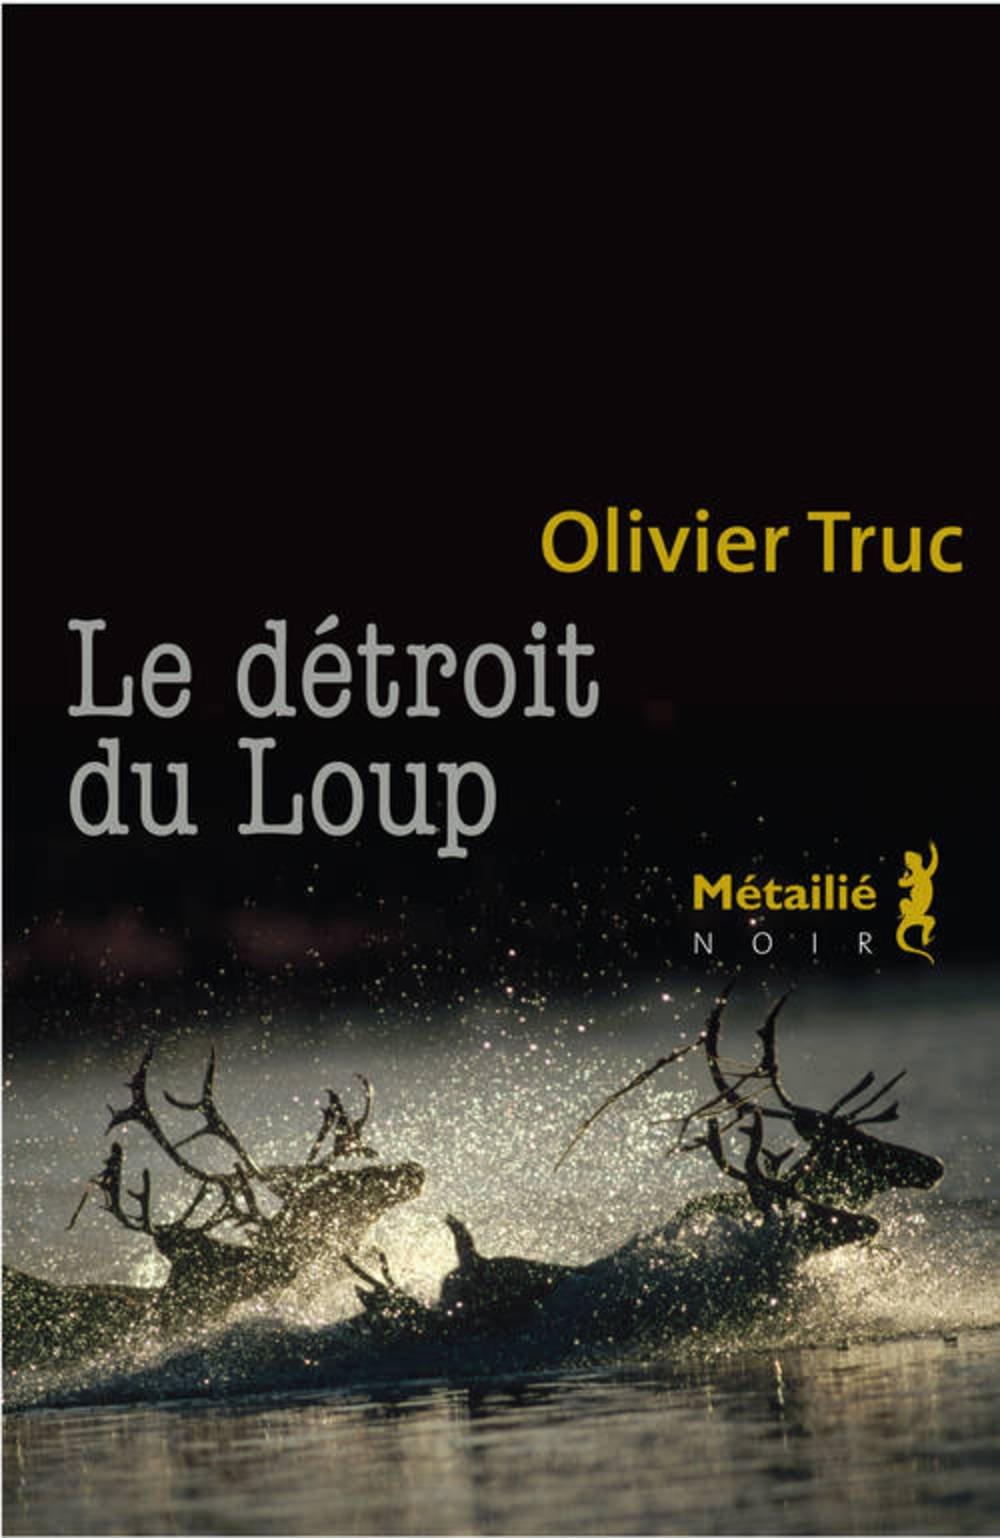 Le détroit du loup - Olivier Truc